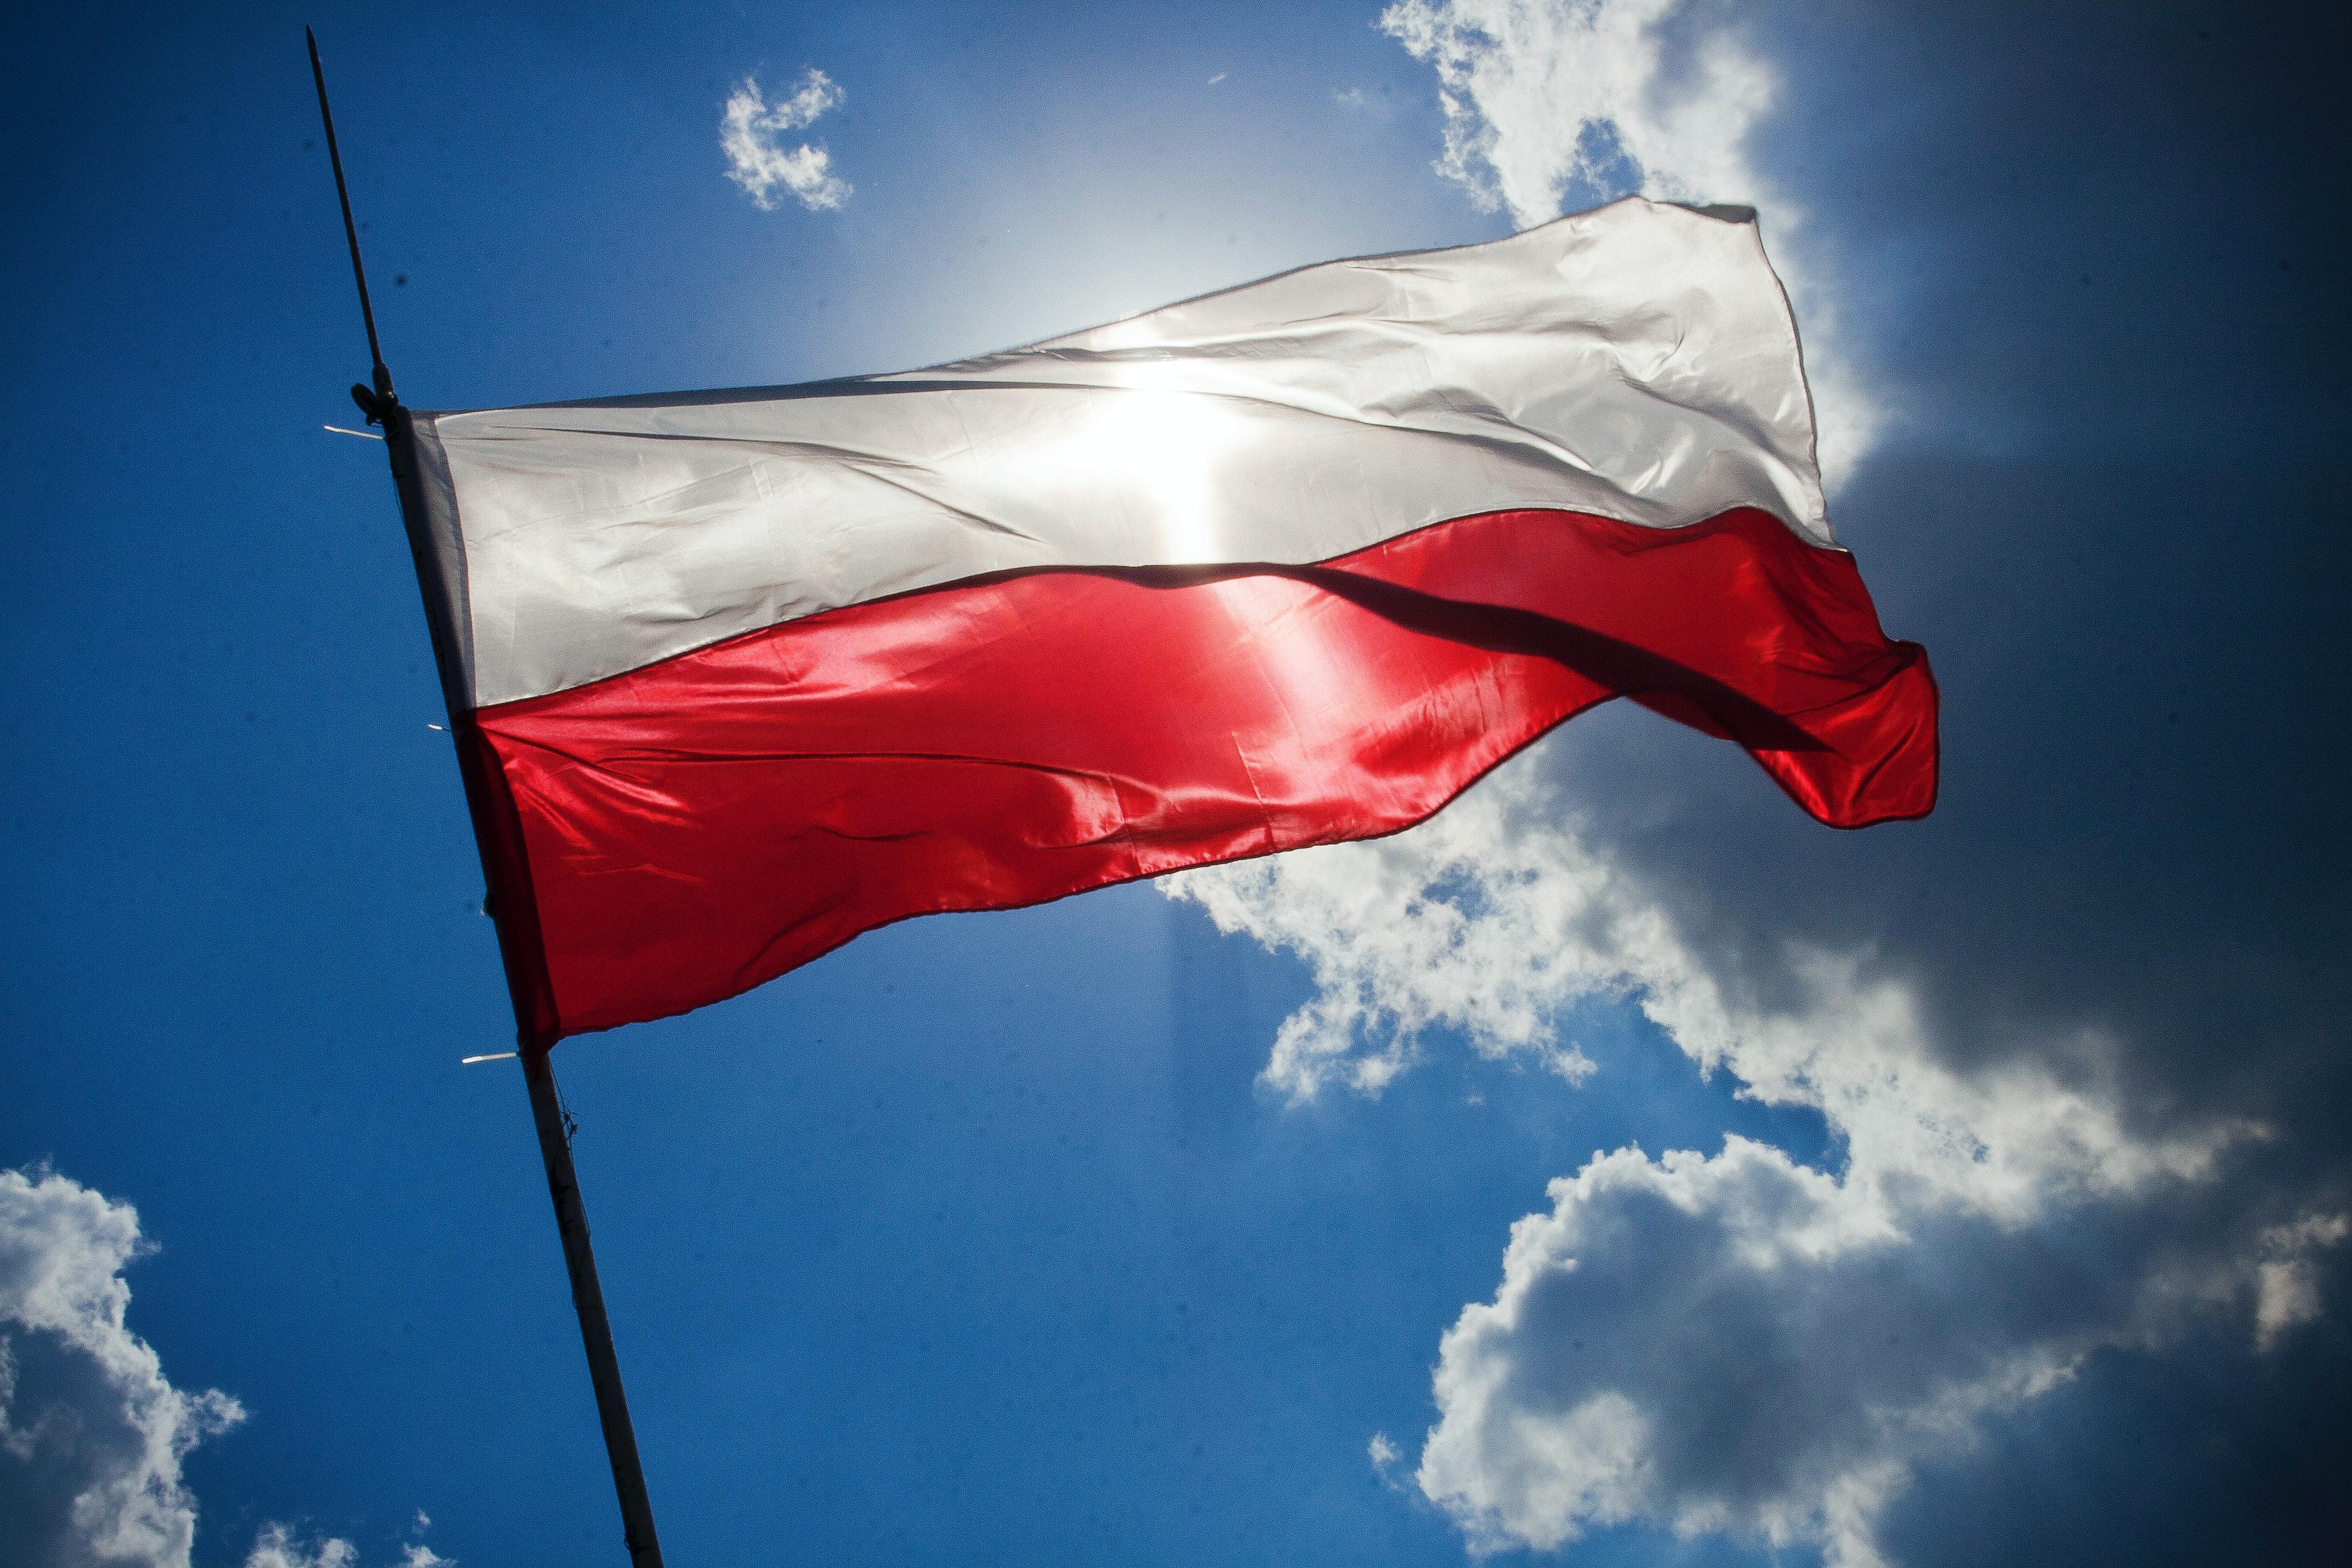 Lengyel lépések az online szólásszabadságért